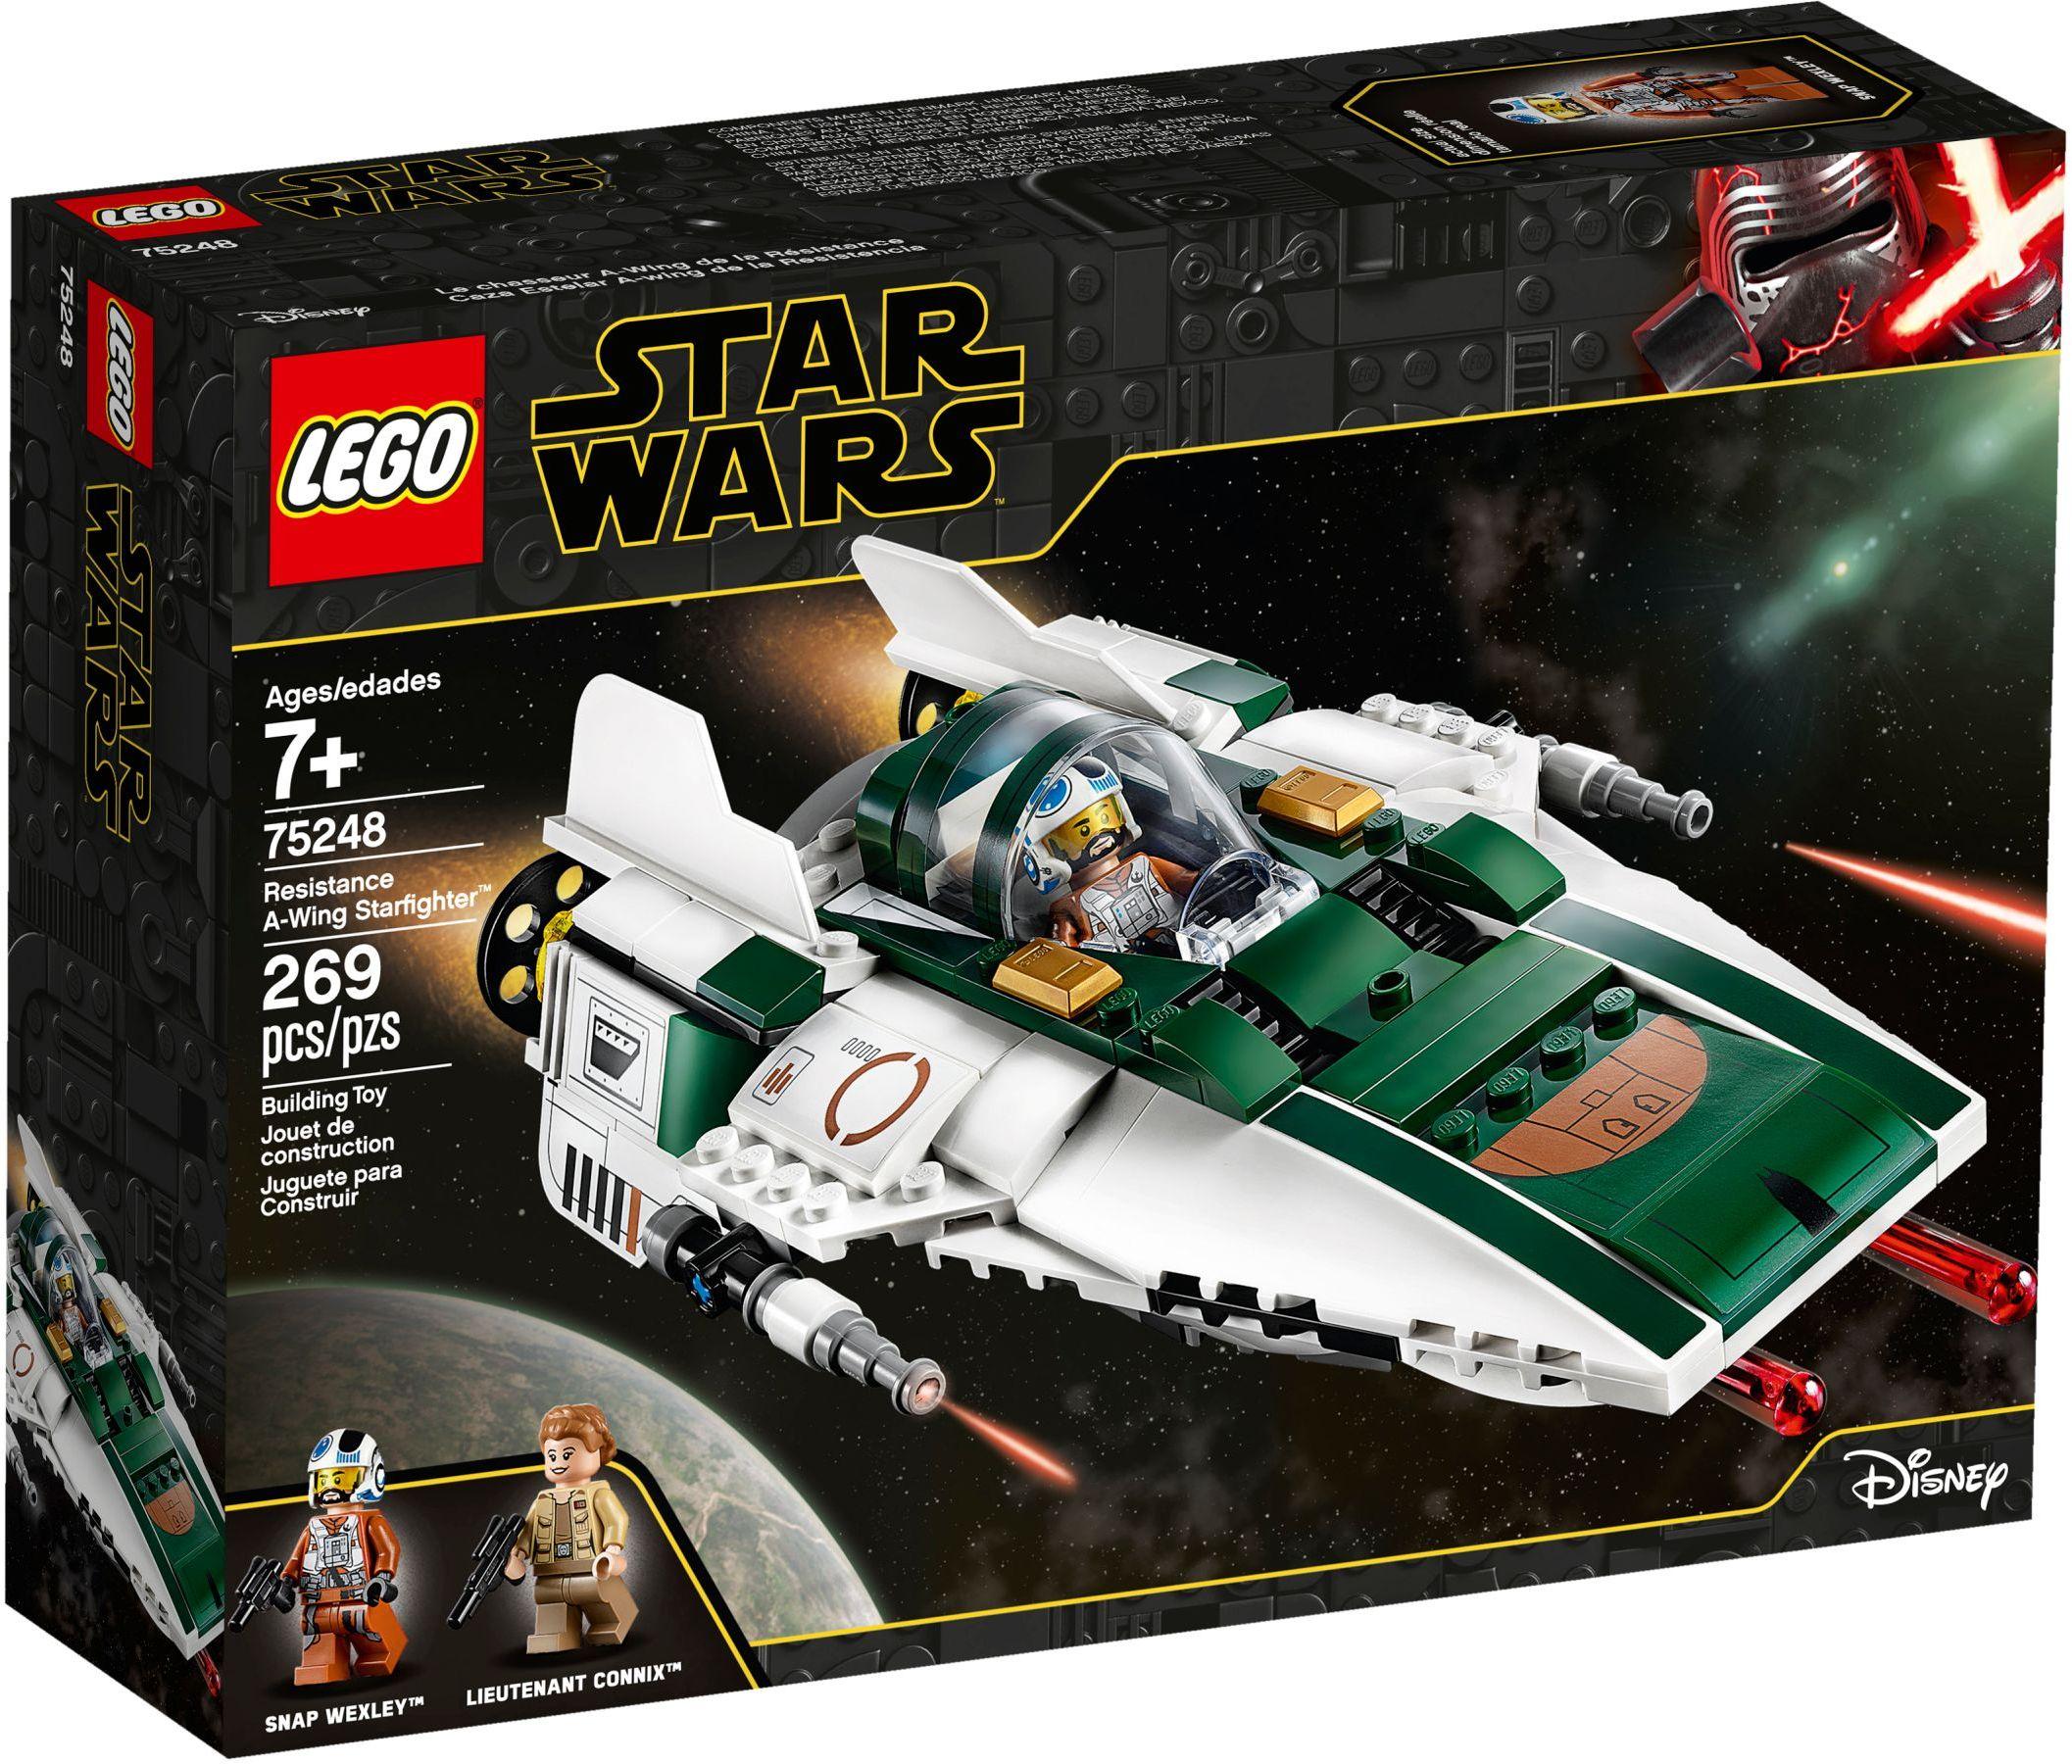 lego-star-wars-75248-widerstands-a-wing-starfighter-box-2019 zusammengebaut.com